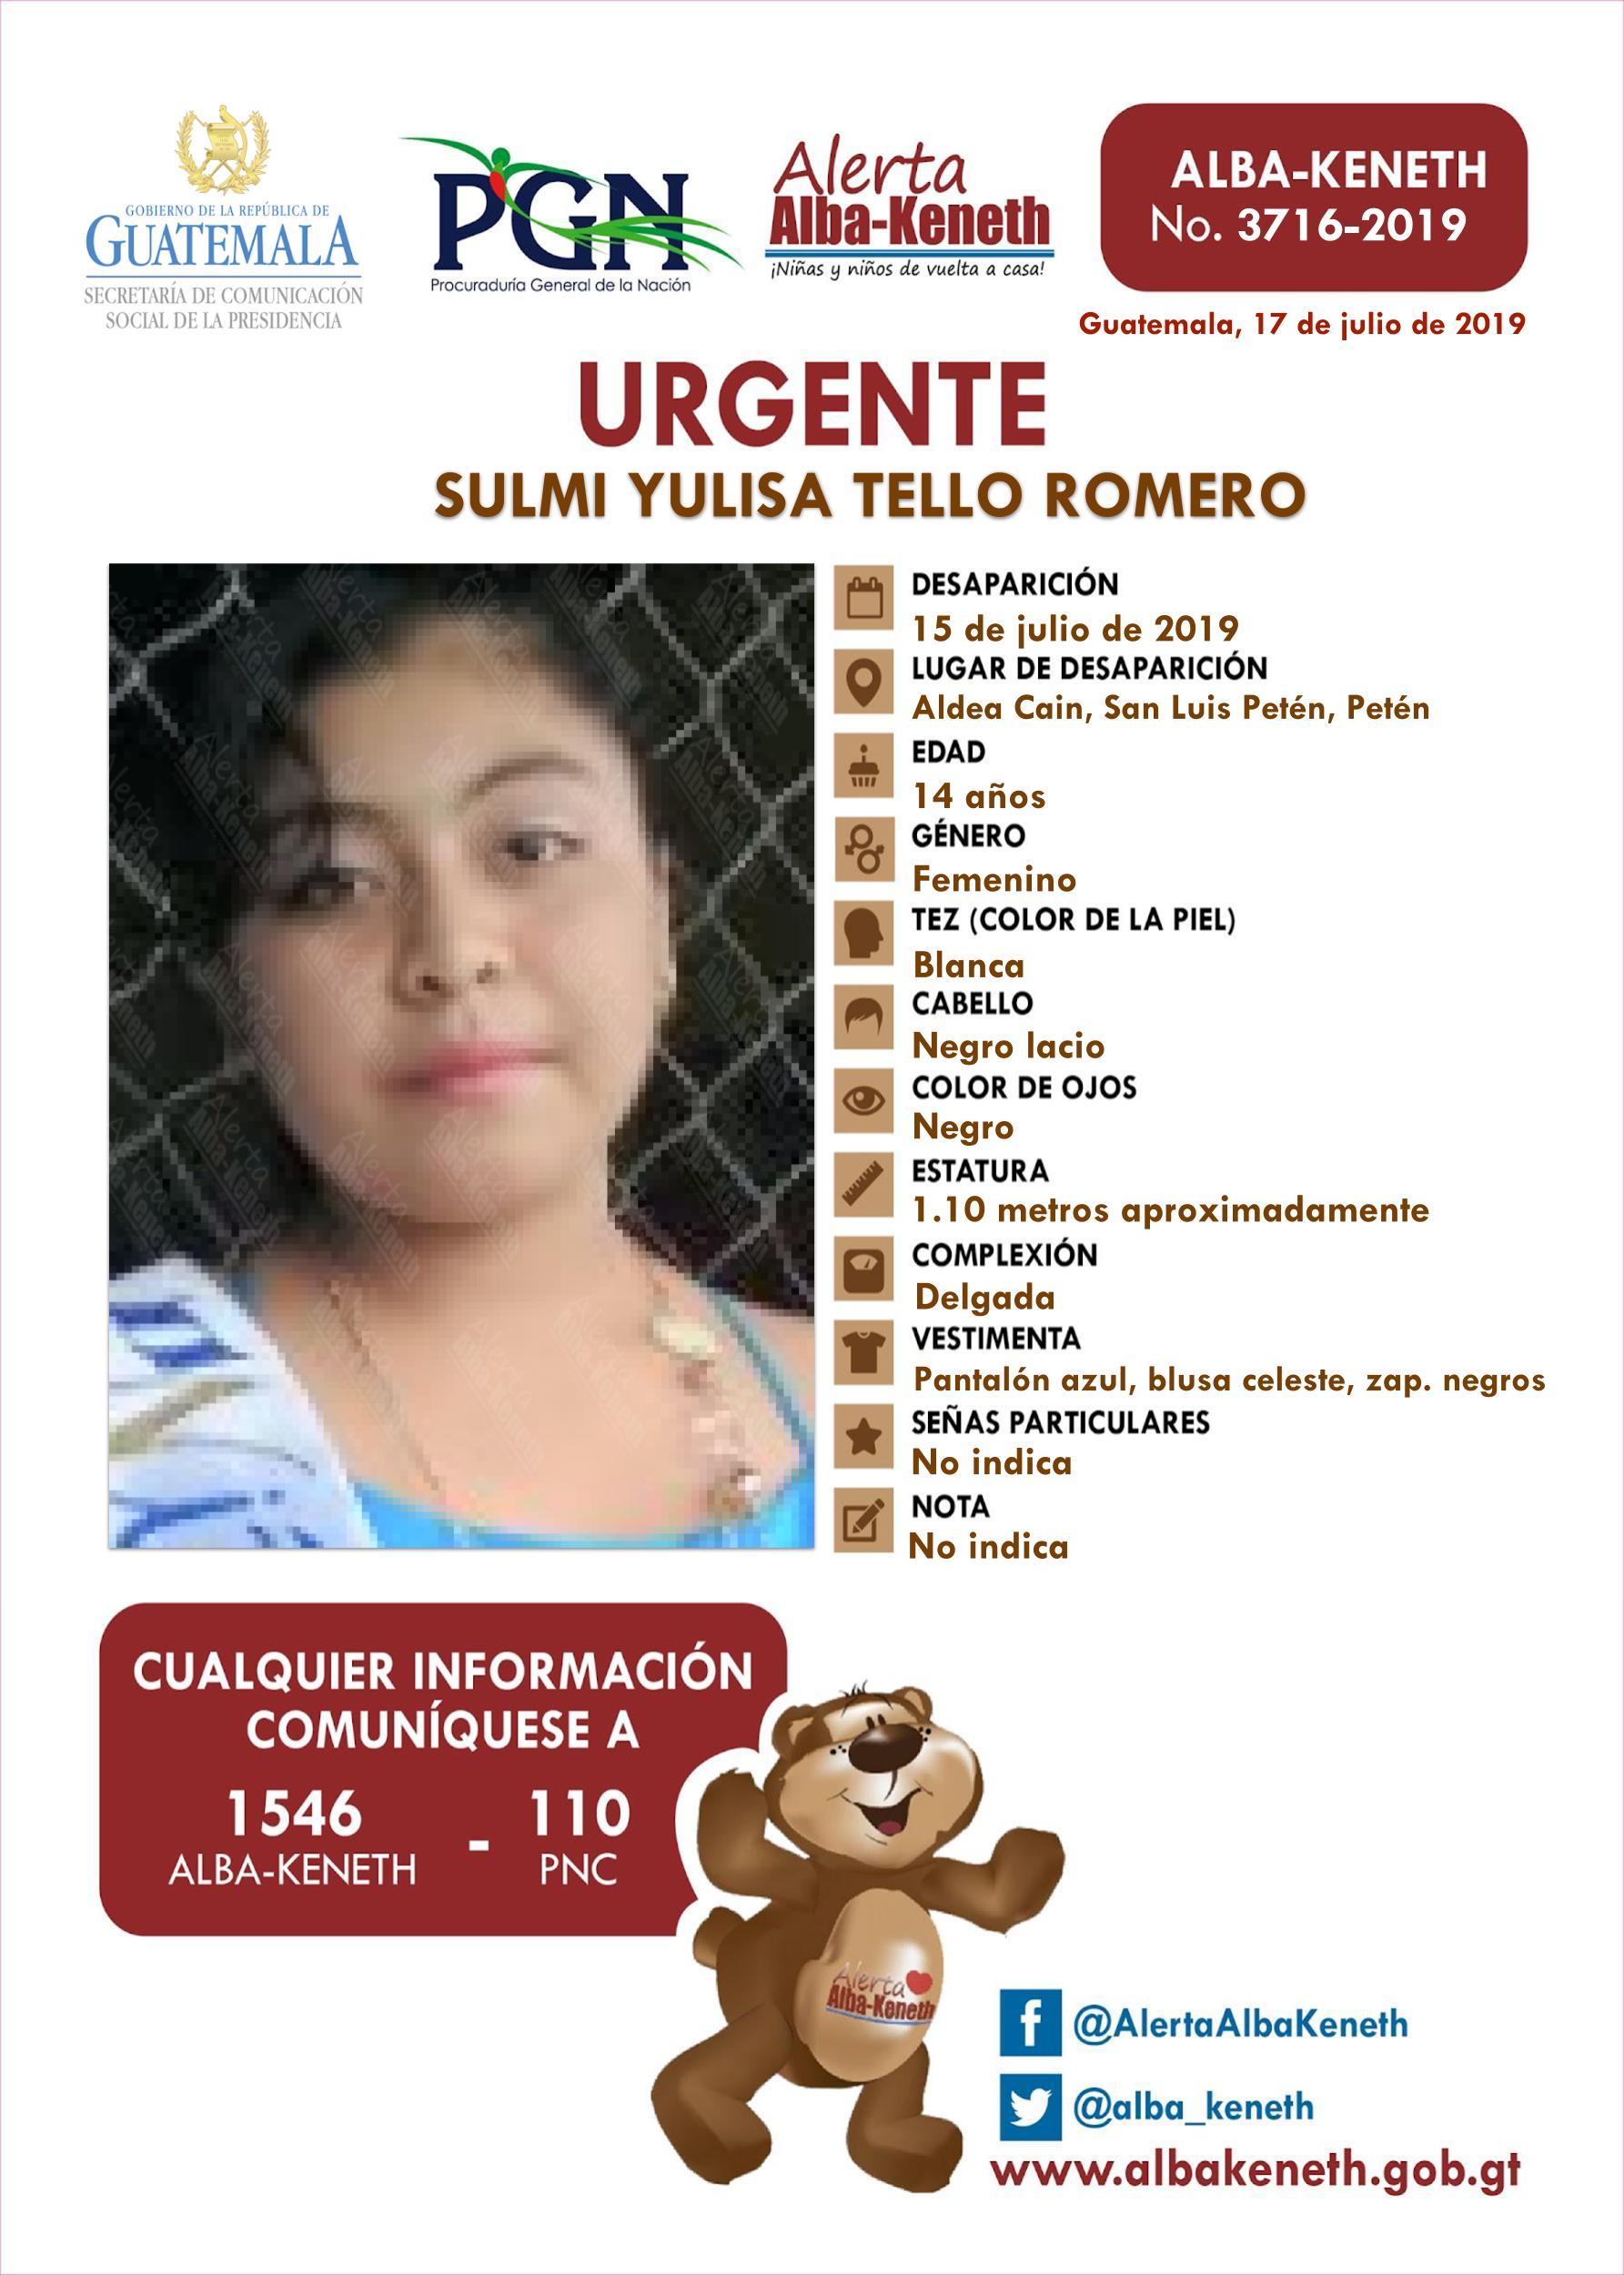 Sulmi Yulisa Tello Romero